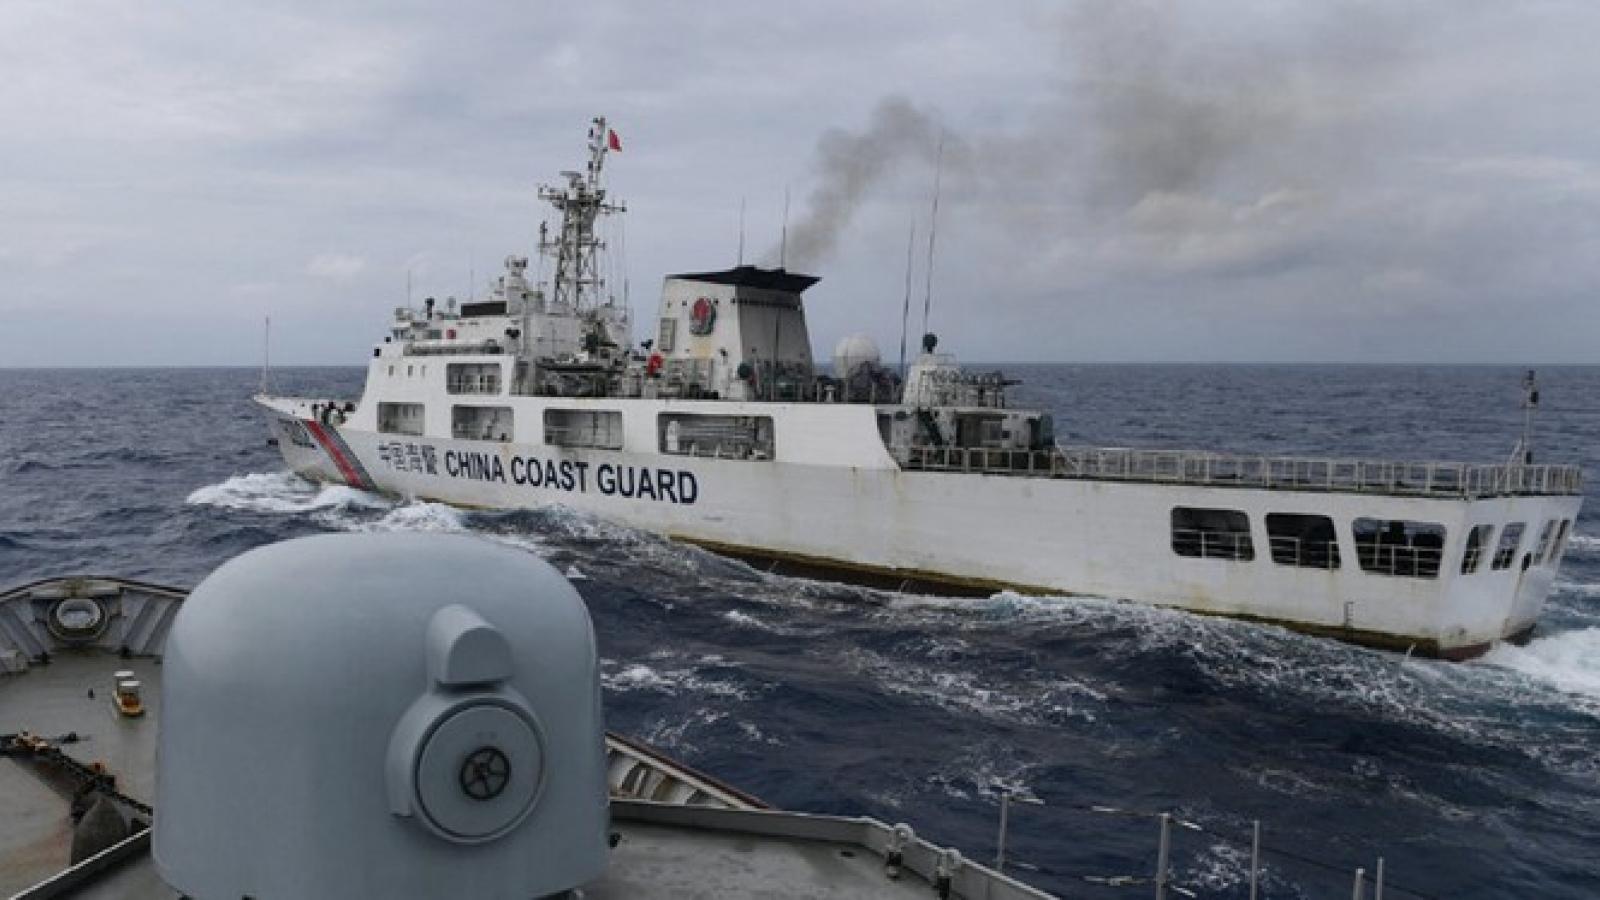 Philippines phản đối lệnh cấm bắt cá của Trung Quốc ở Biển Đông